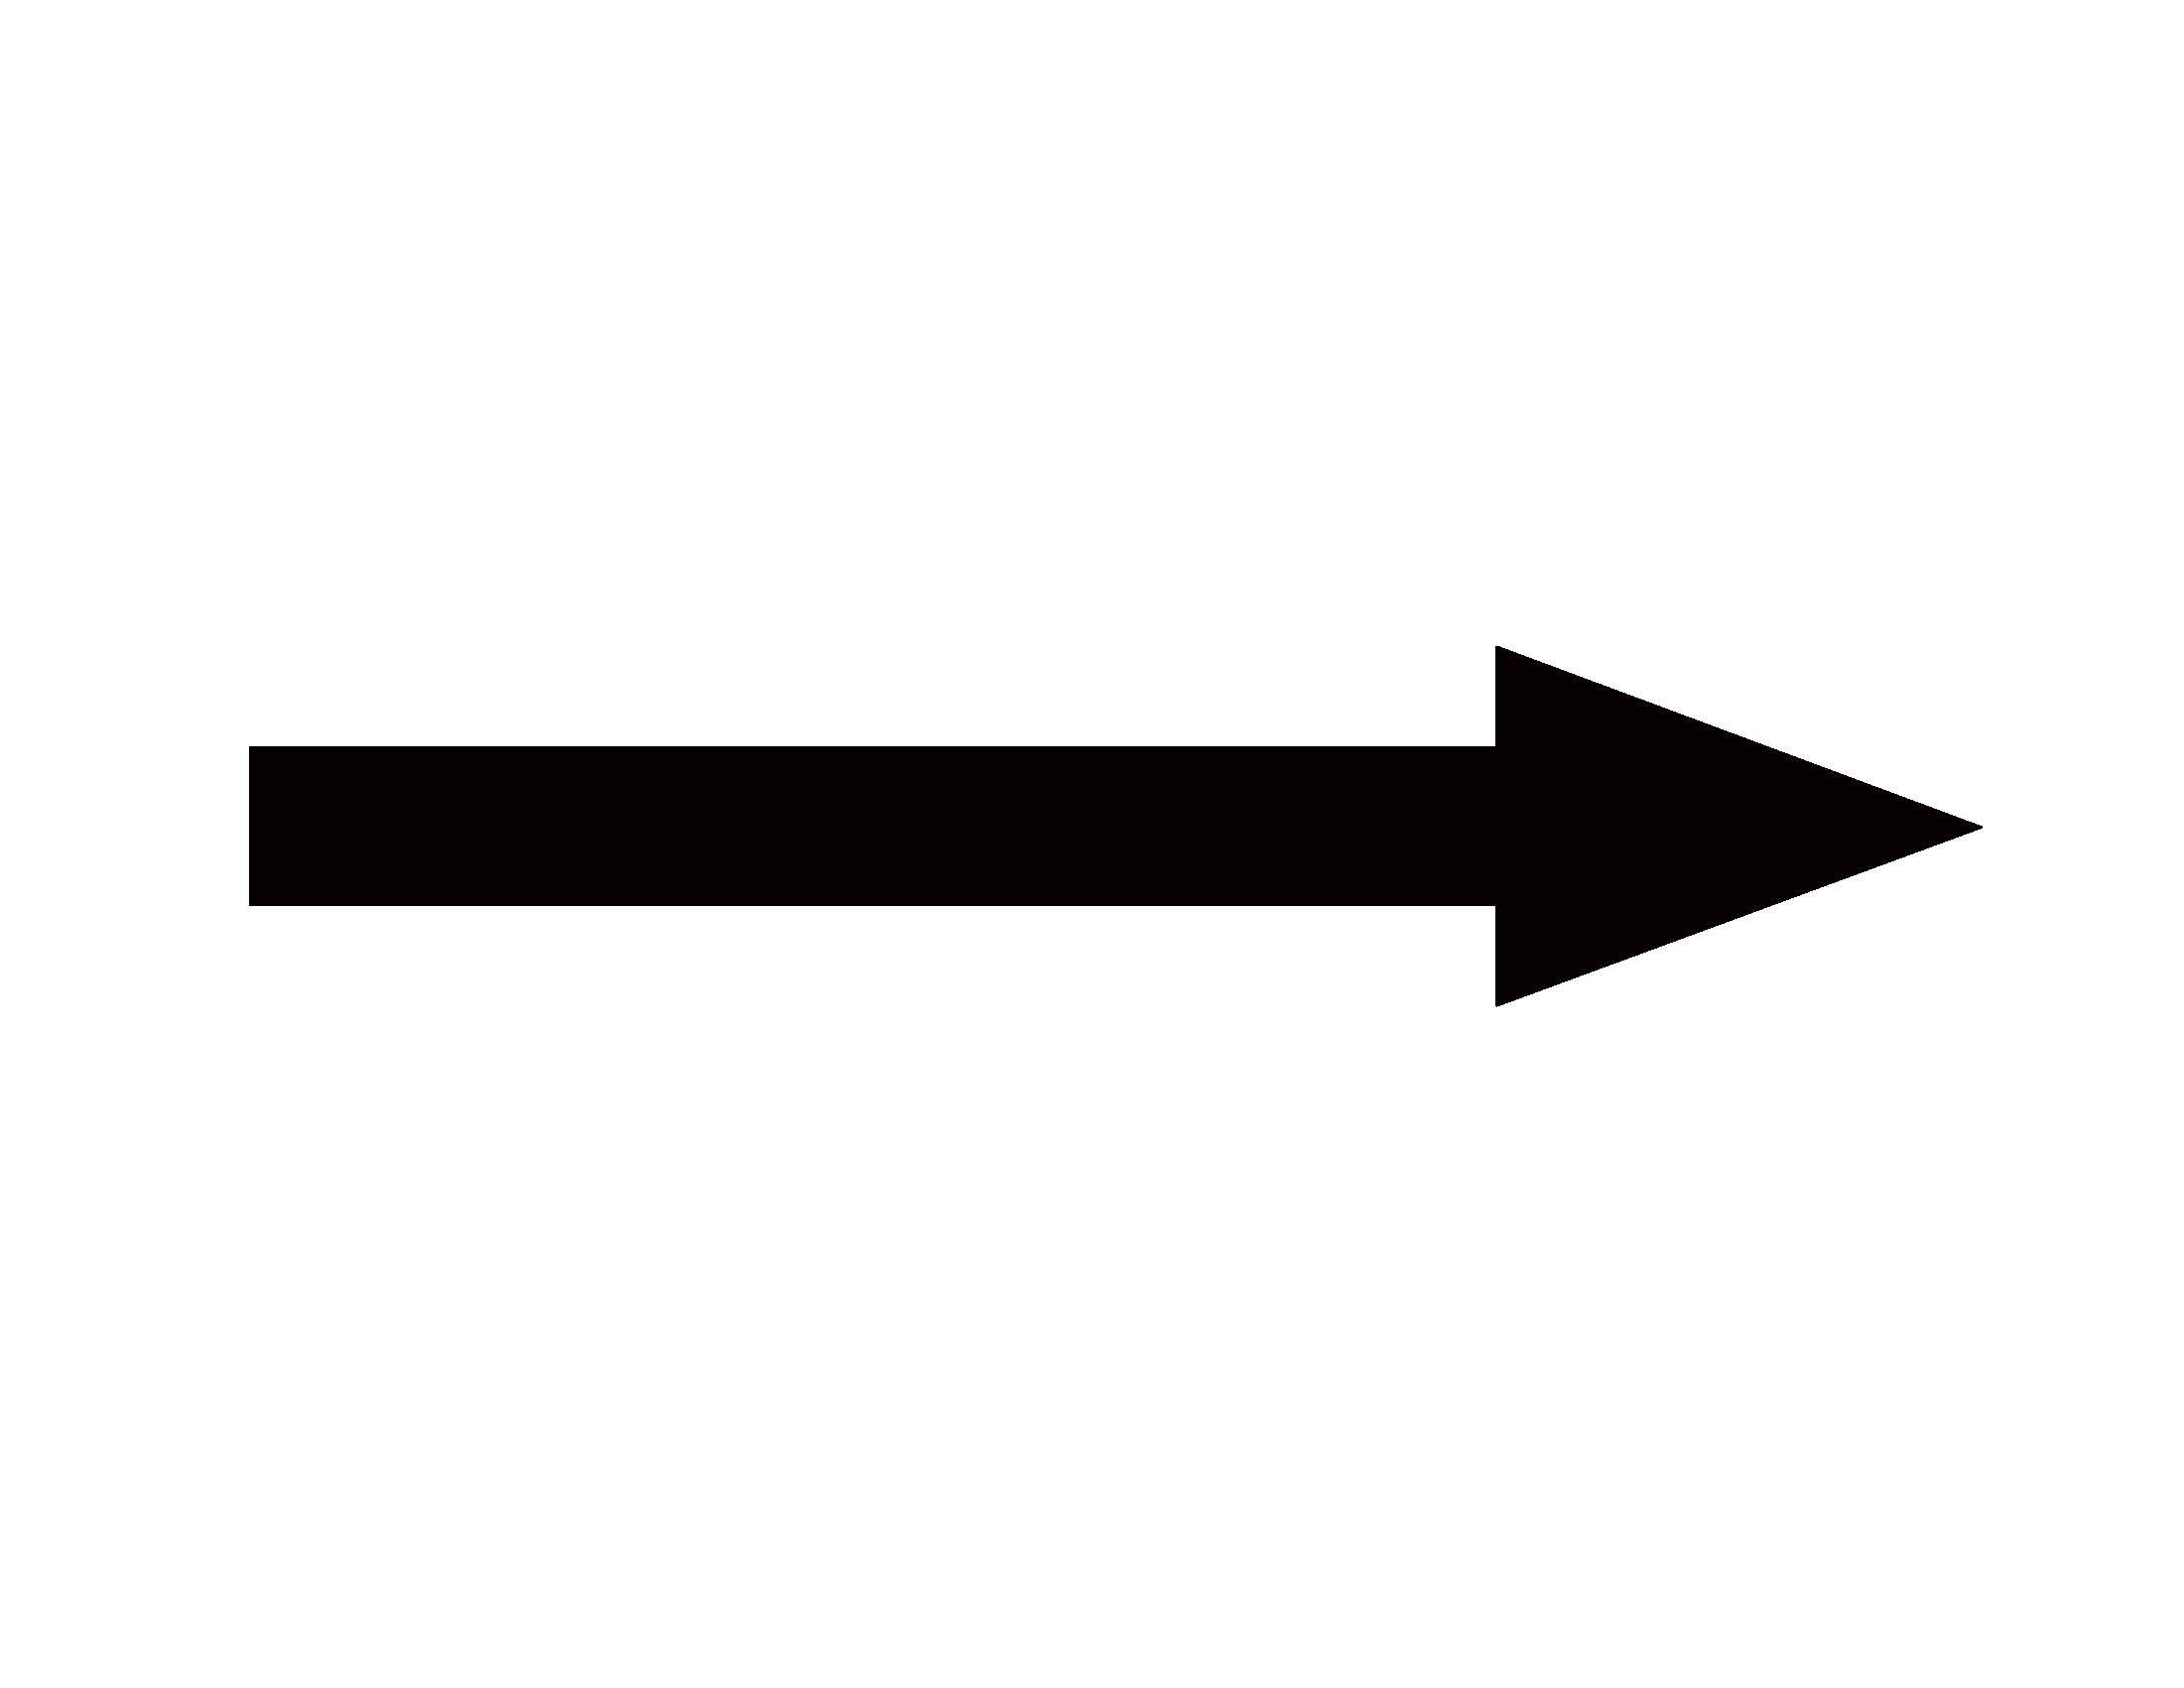 Long arrow clipart 2 » Clipart Portal.